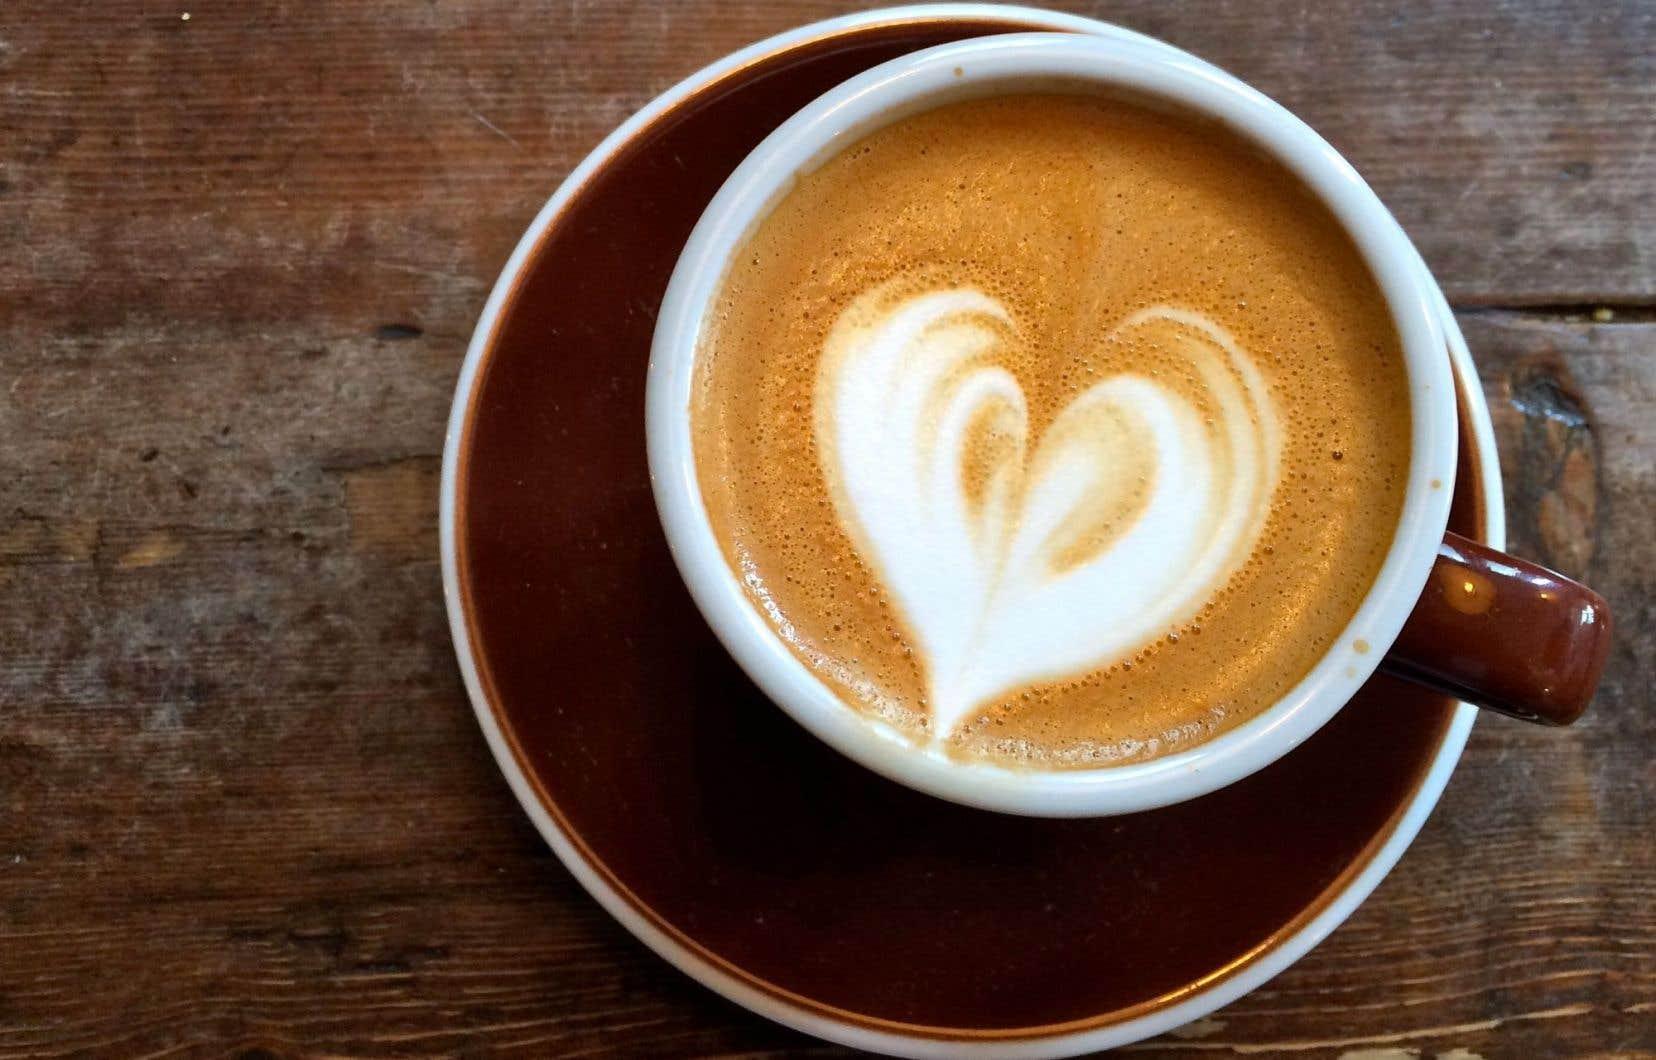 Un coeur de lait dans le café... Comme un clin d'oeil de barista au voyageur: «passe une belle journée».